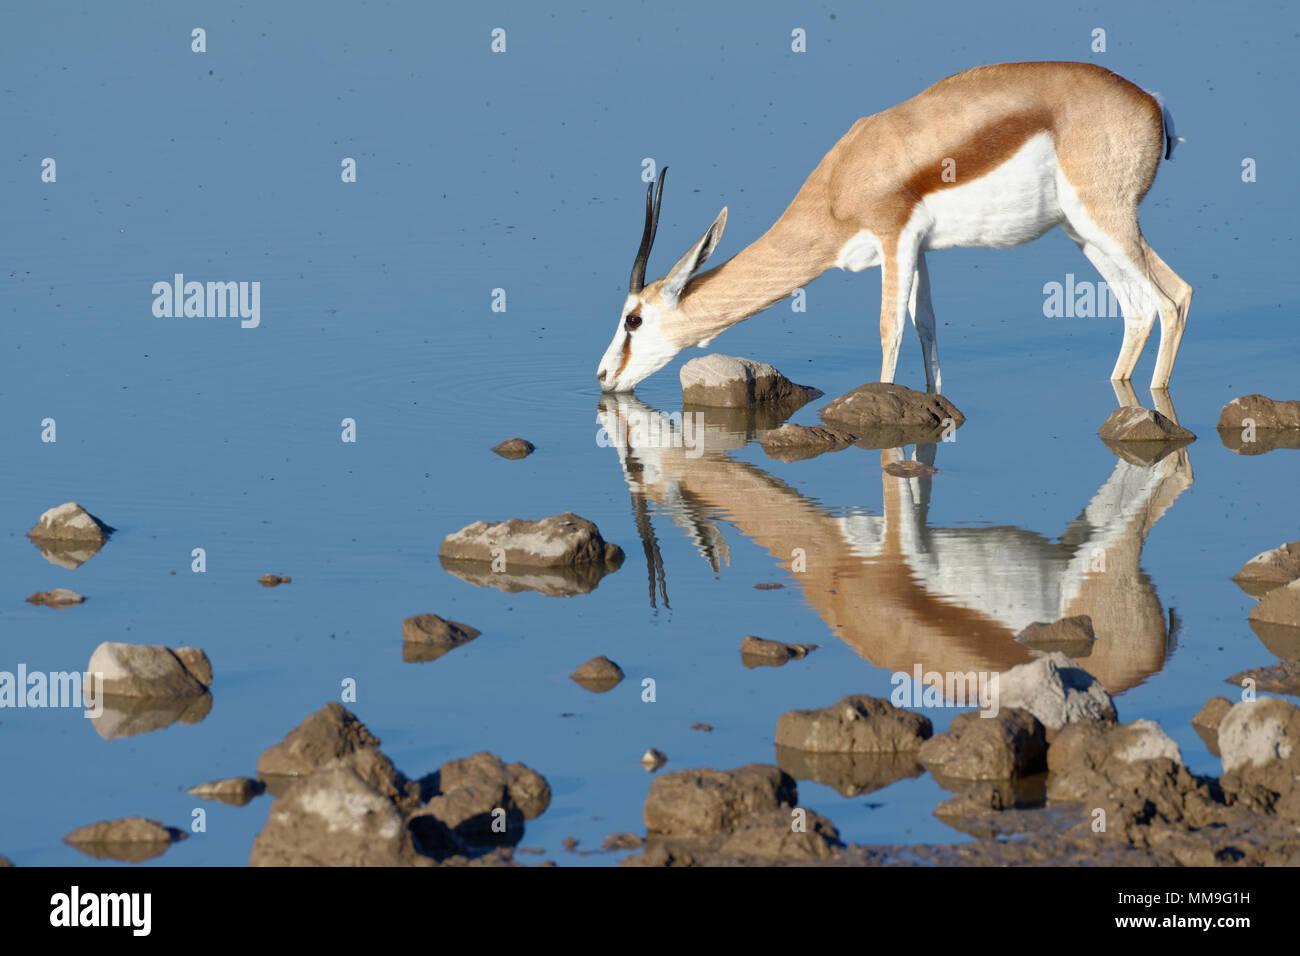 Le Springbok (Antidorcas marsupialis), femelle adulte debout dans l'eau, d'alcool, point d'Okaukuejo, Etosha National Park, Namibie, Afrique Photo Stock